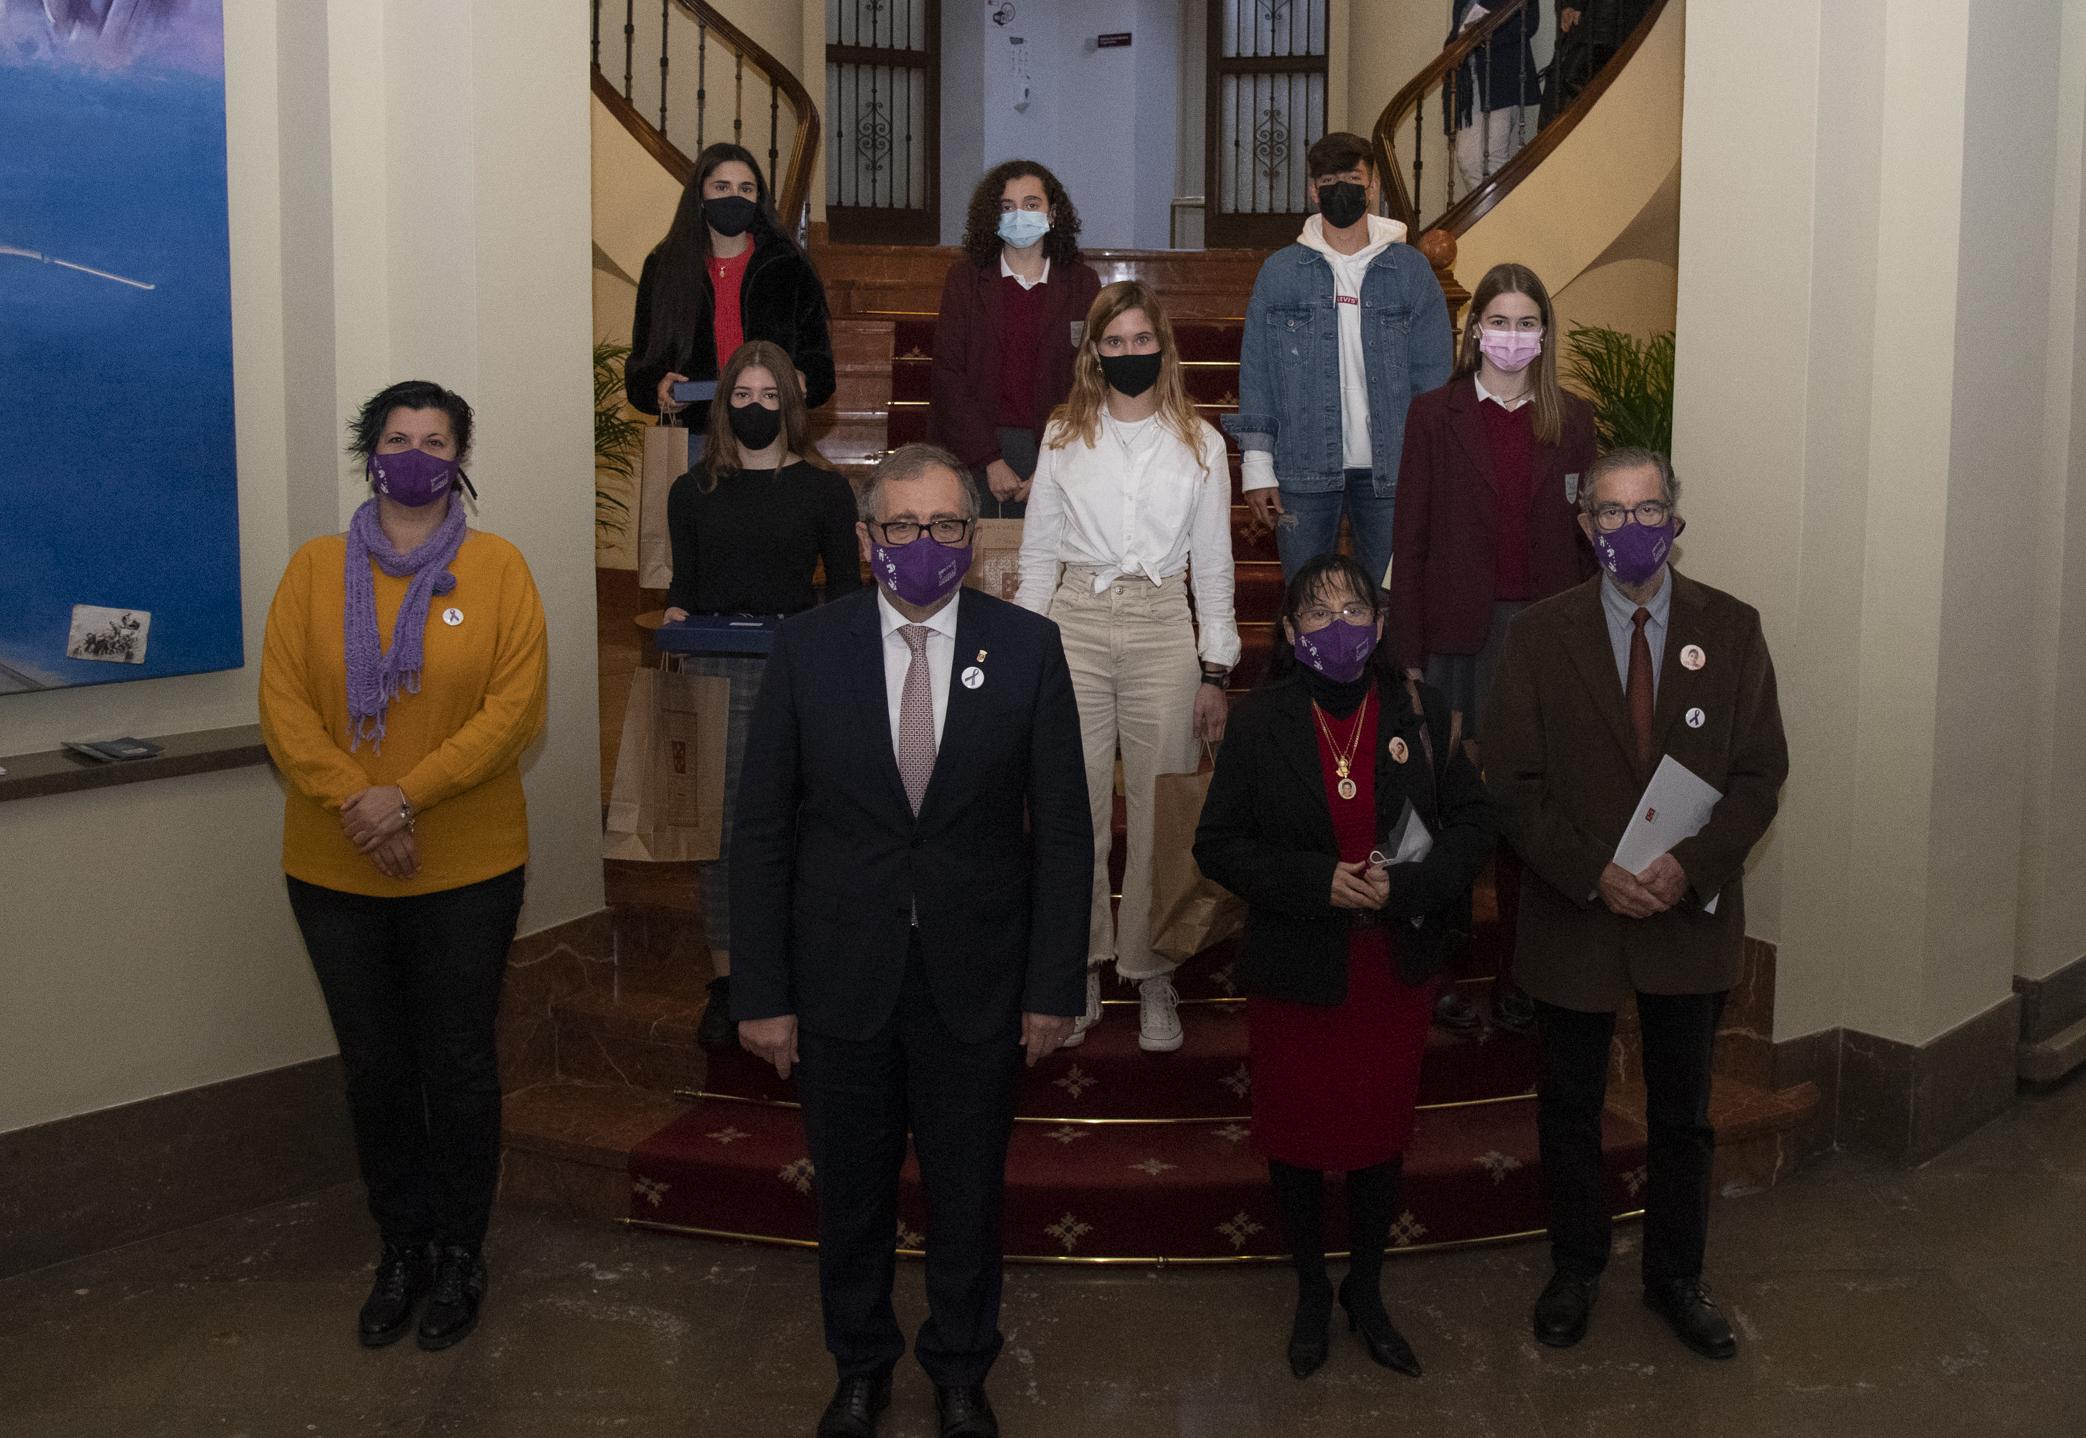 La Diputación  de Castellón invita a la juventud de la provincia a participar en el Concurso de Microrrelatos con motivo del Día Internacional contra la Violencia de Género